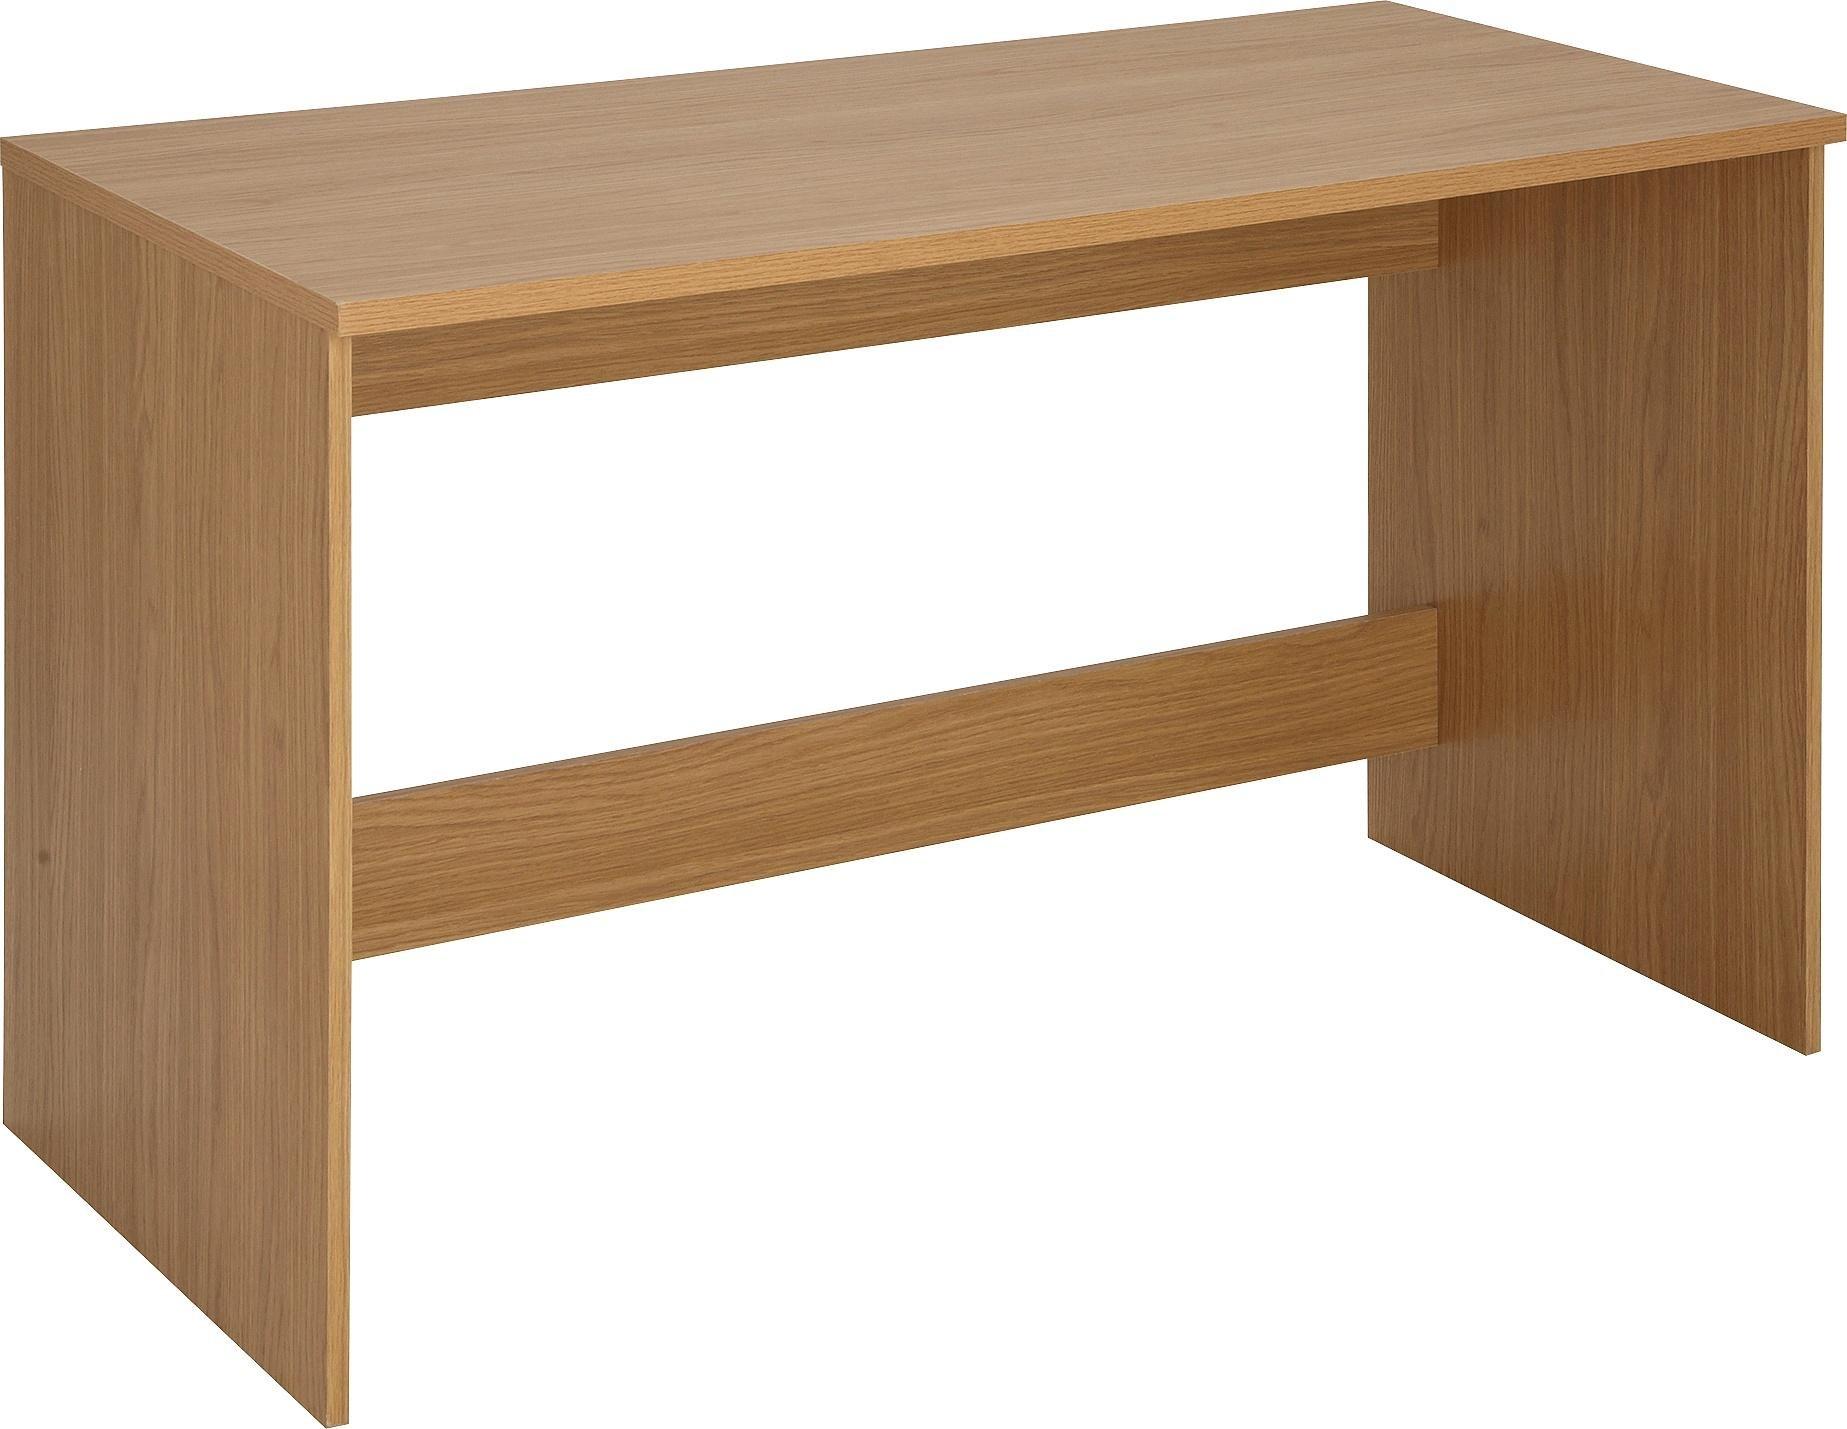 Home walton office desk oak effect